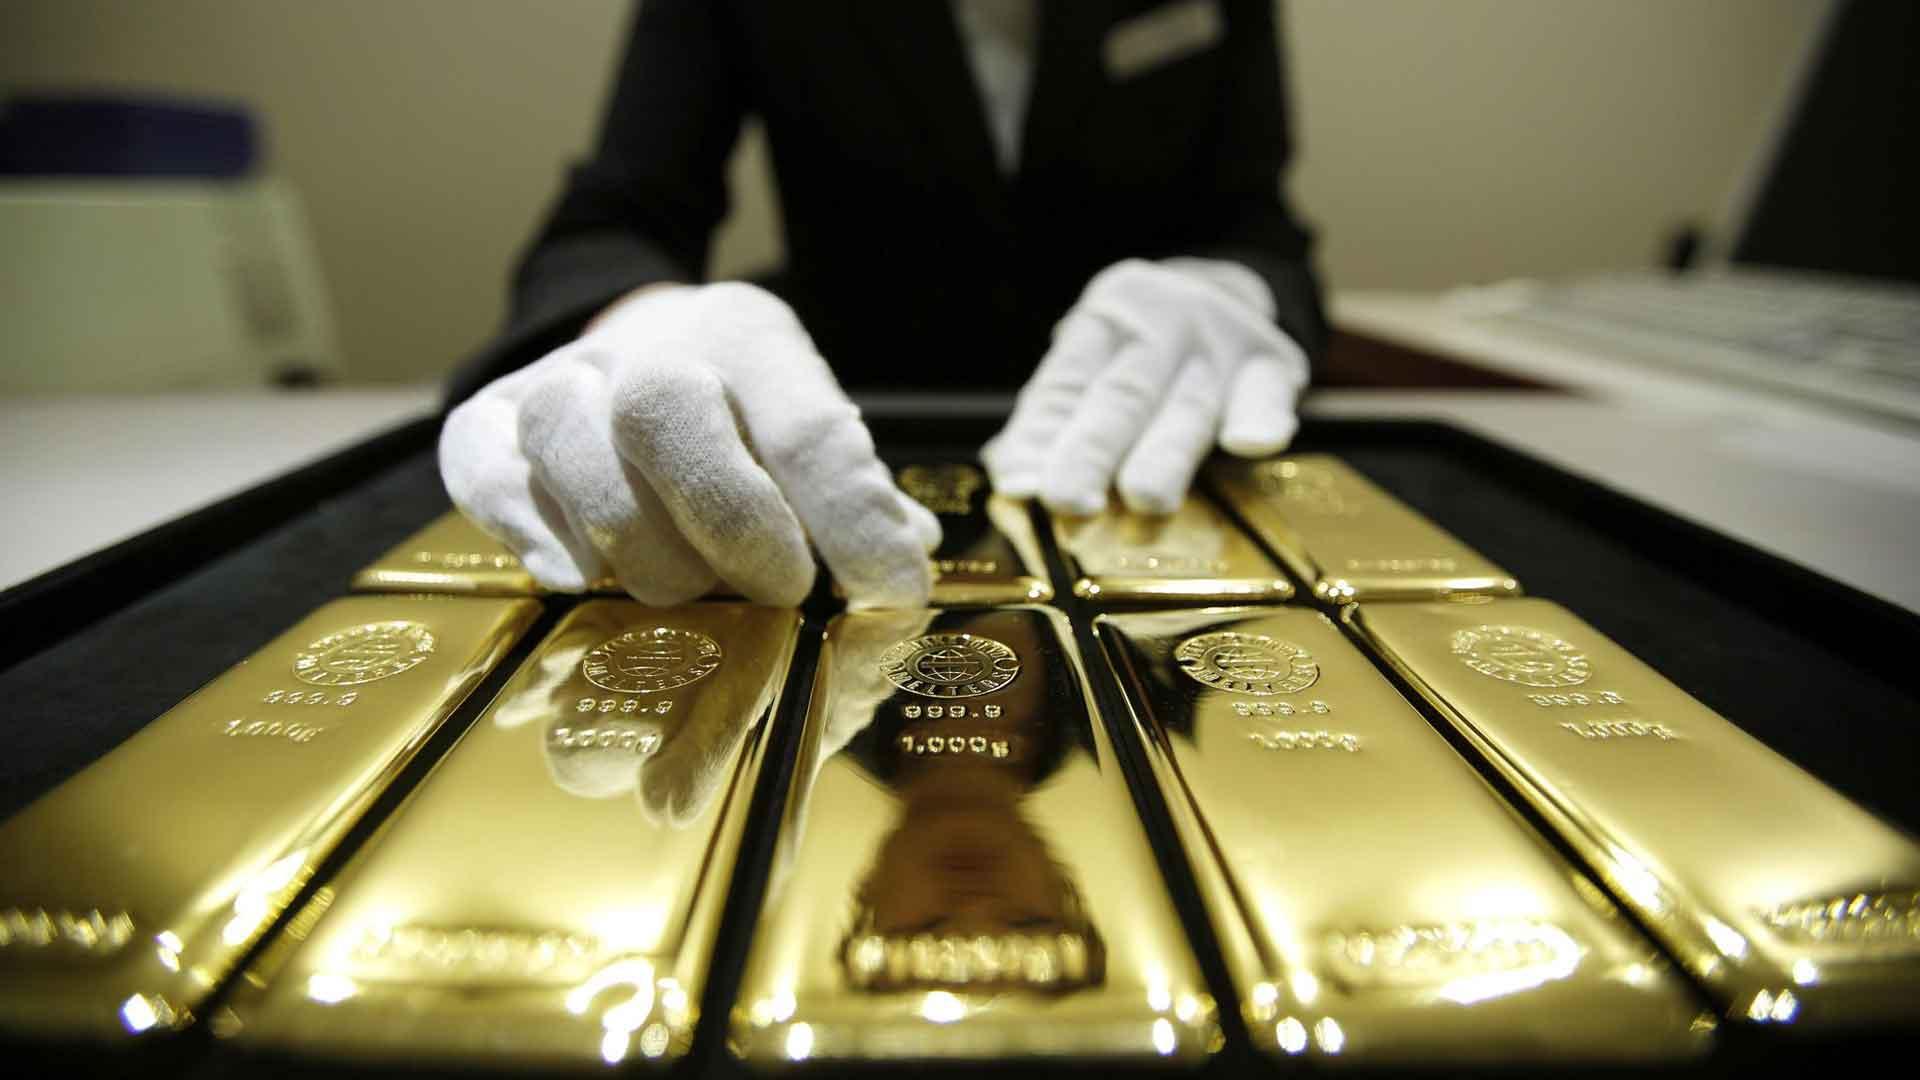 Банки снова скупают золото. Они готовятся к кризису?